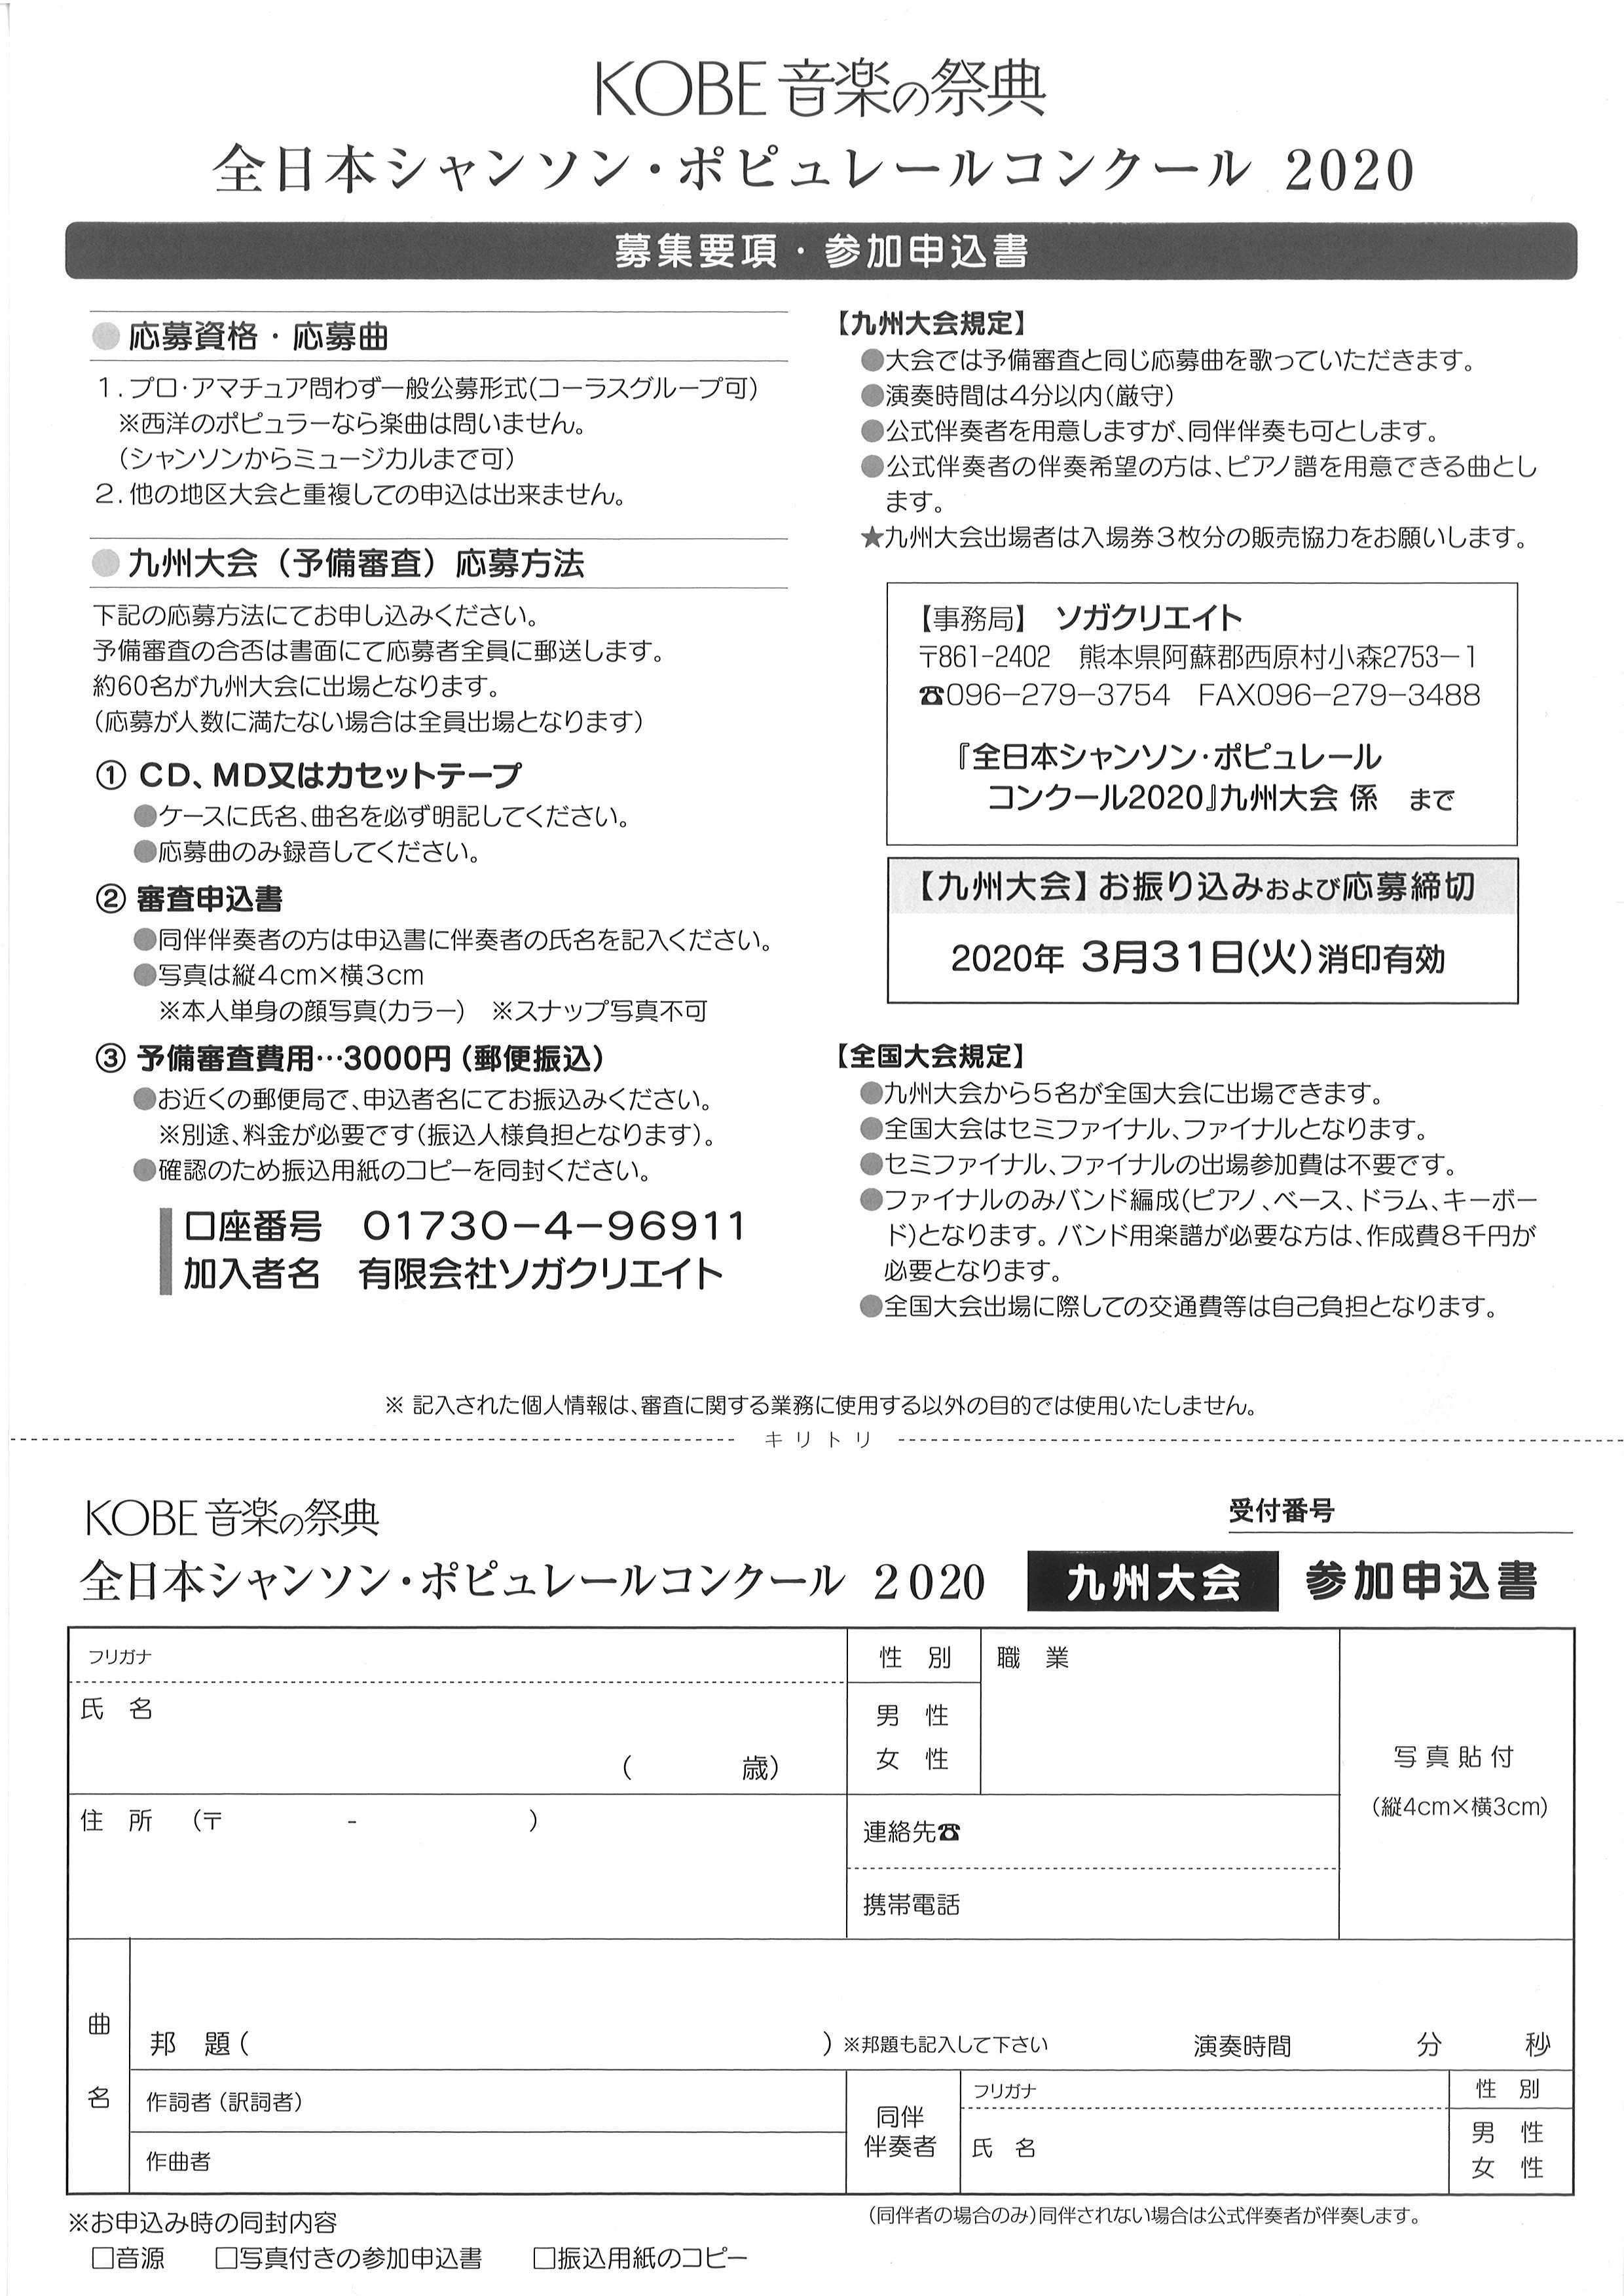 ポピュレールコンクール九州大会_裏-1.jpg